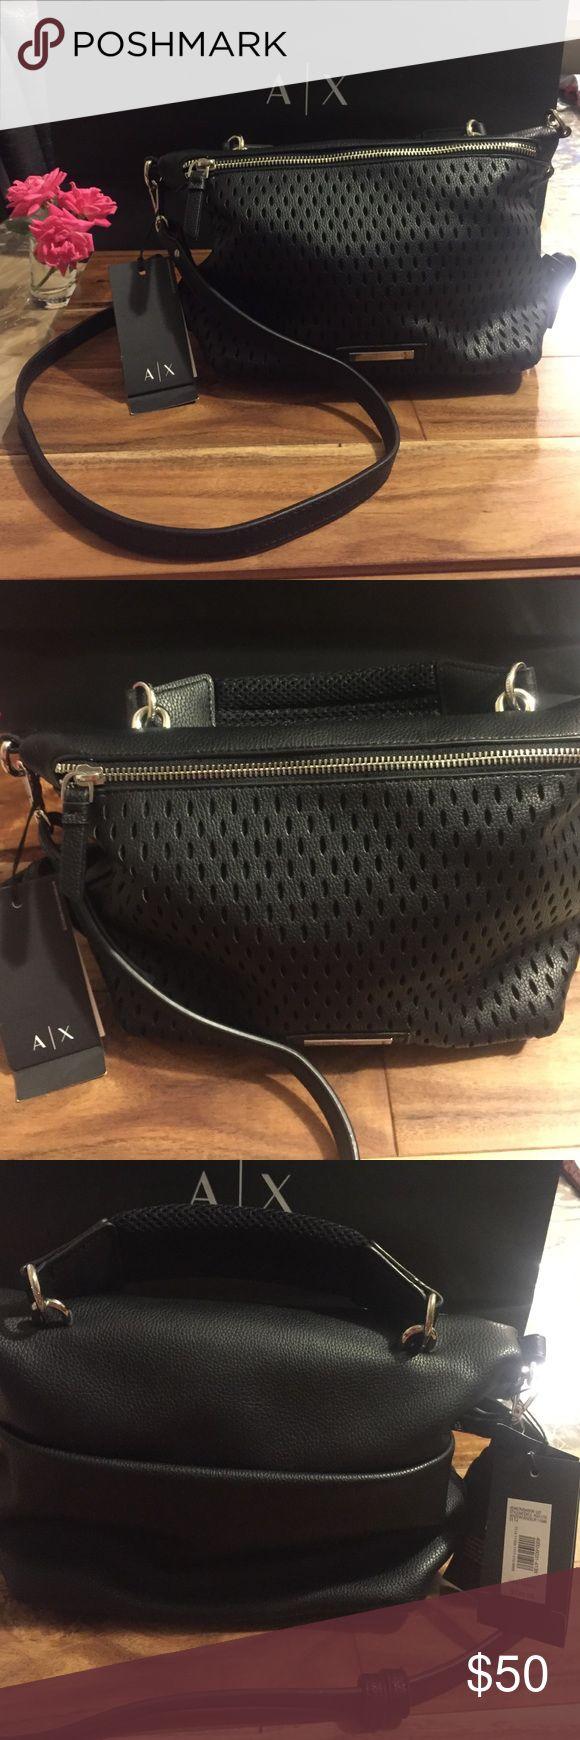 AX Armani Exchange Handbag AX Armani Exchange shoulder handbag in black Armani Exchange Bags Shoulder Bags